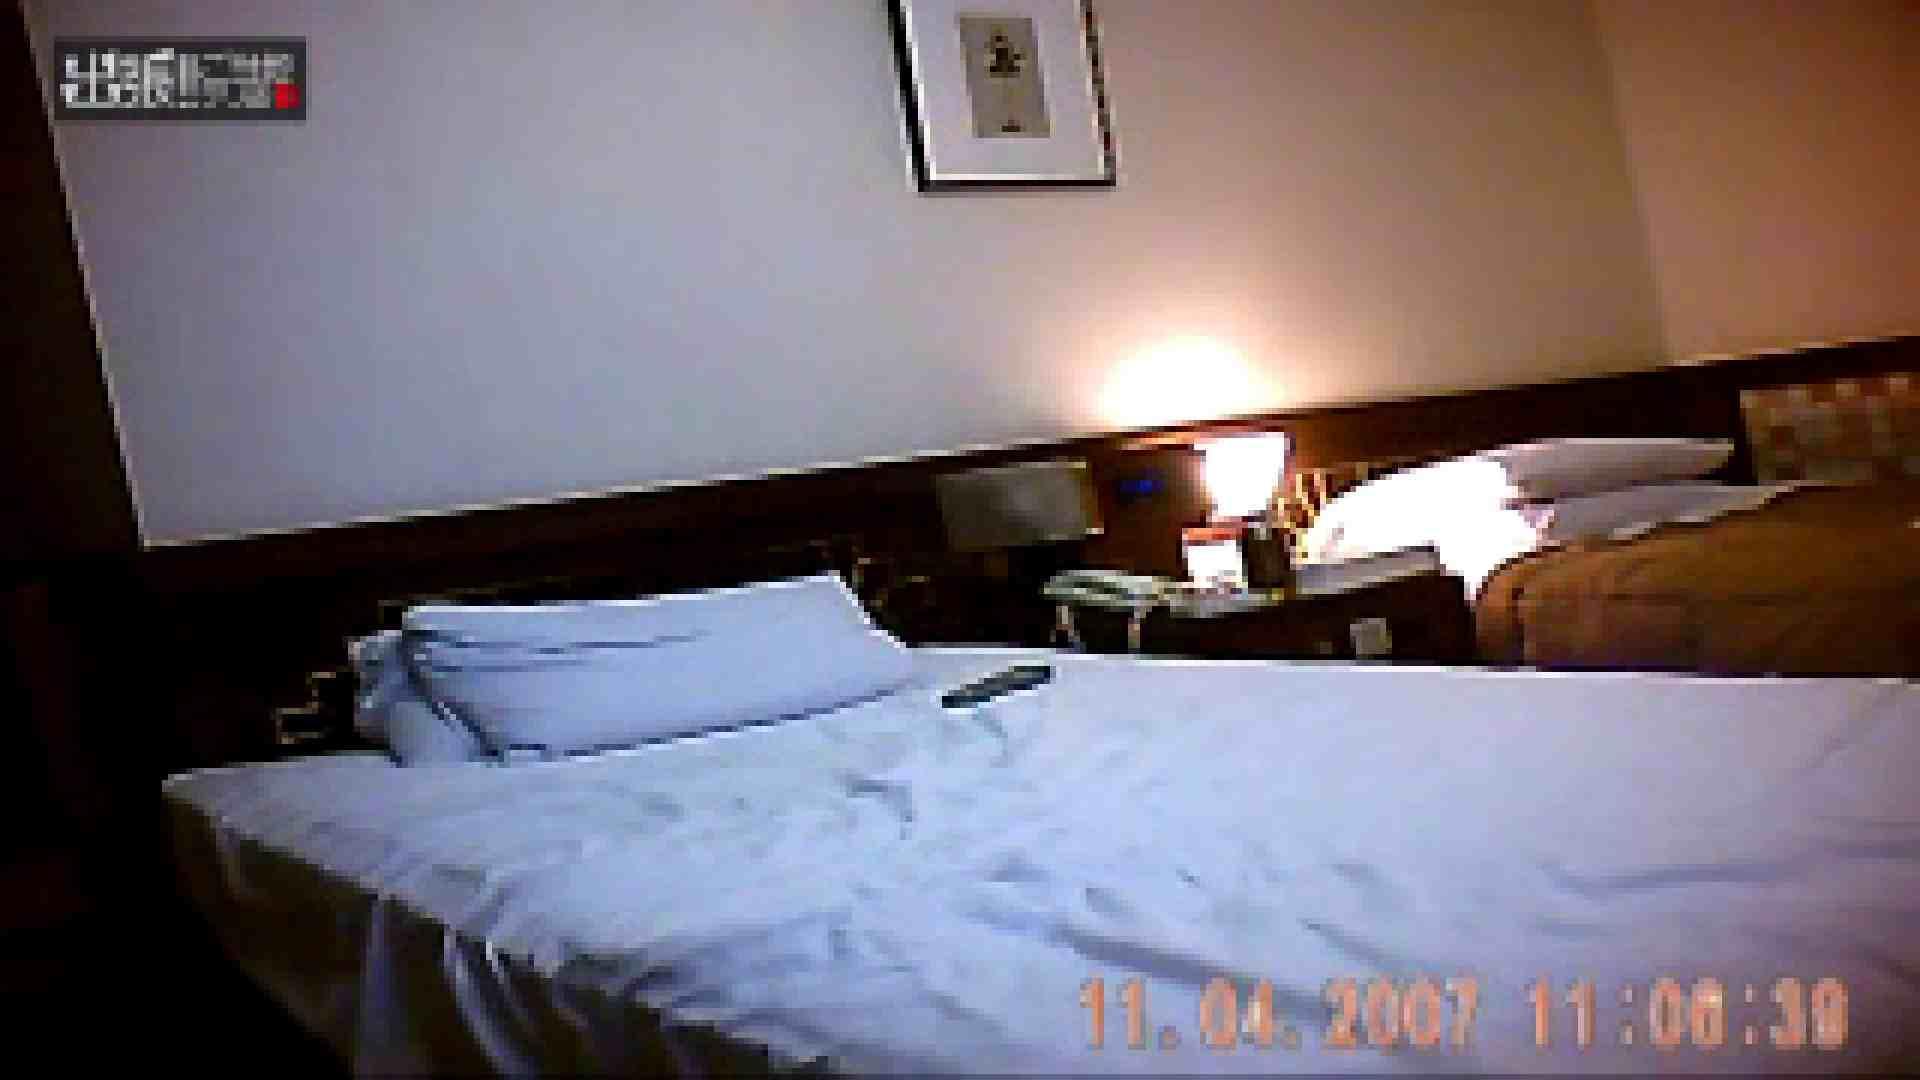 出張リーマンのデリ嬢隠し撮り第2弾vol.2 オマンコ ヌード画像 78PIX 53